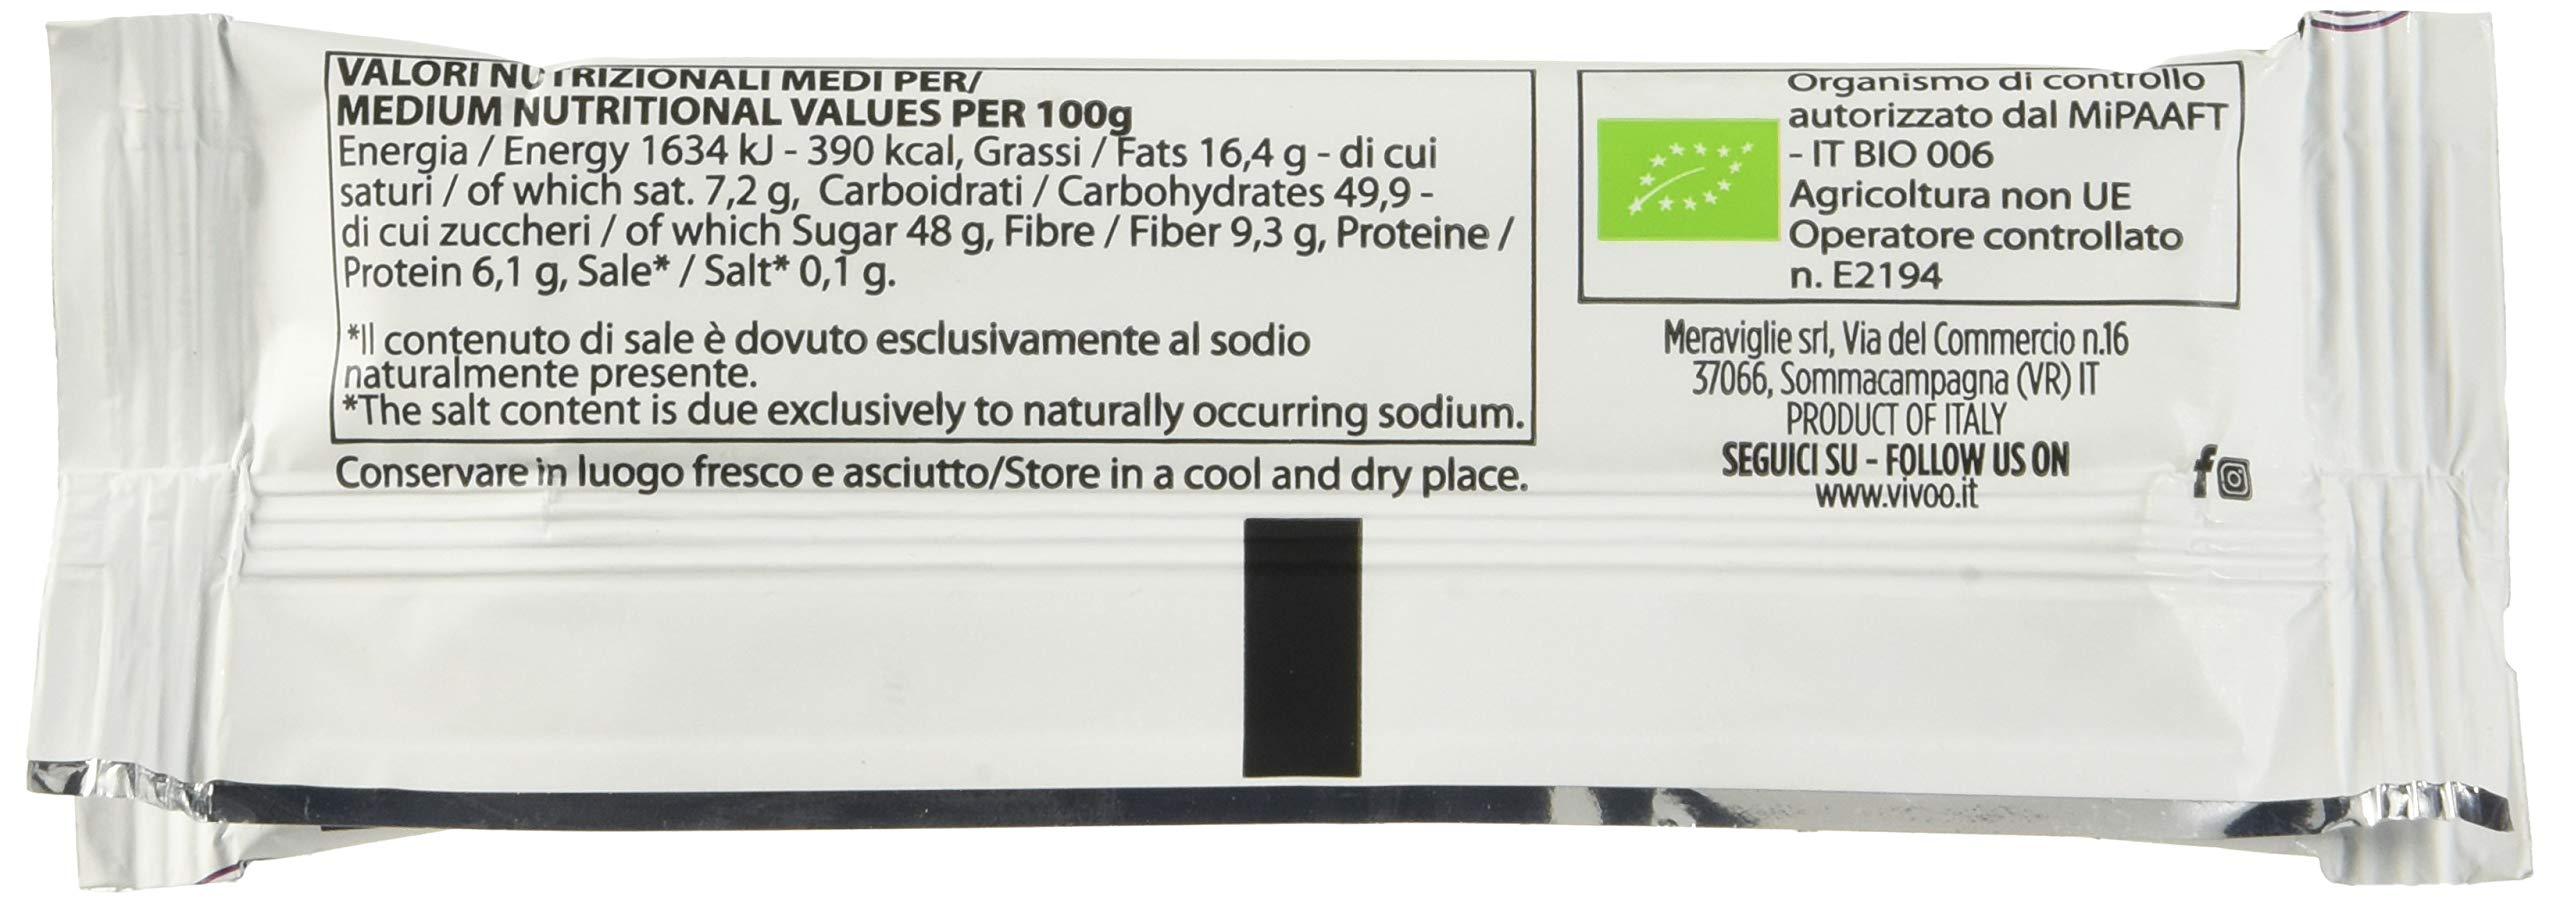 Vivoo Tonica - Barretta Energetica - Fondente e Zenzero - 16 Confezioni da 35 g 5 spesavip